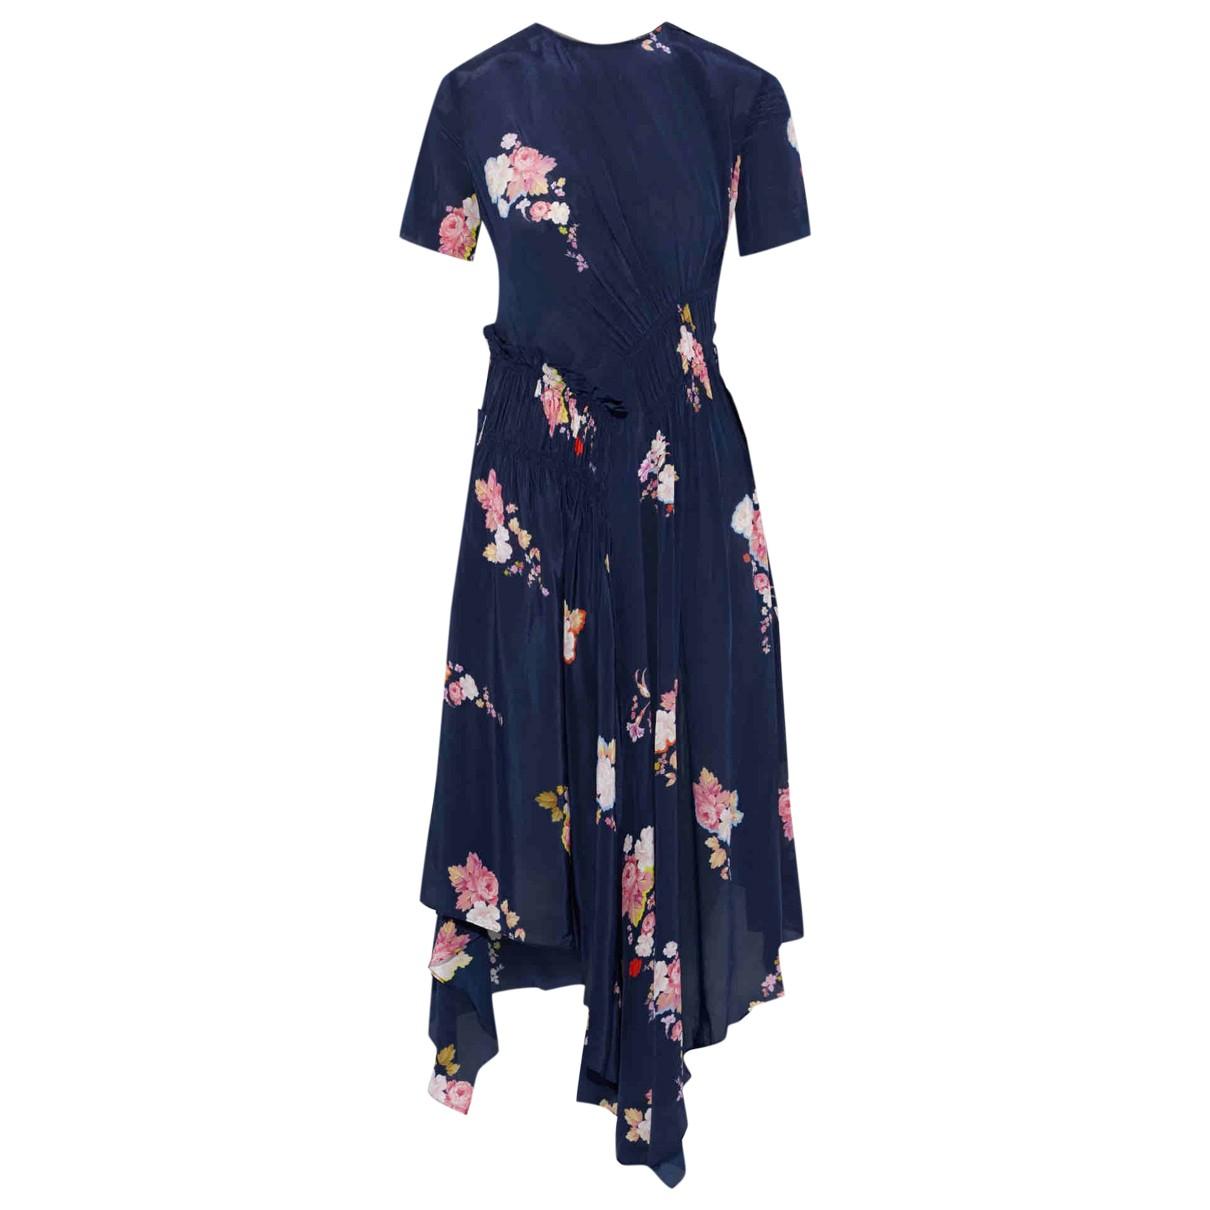 Preen \N Navy dress for Women S International